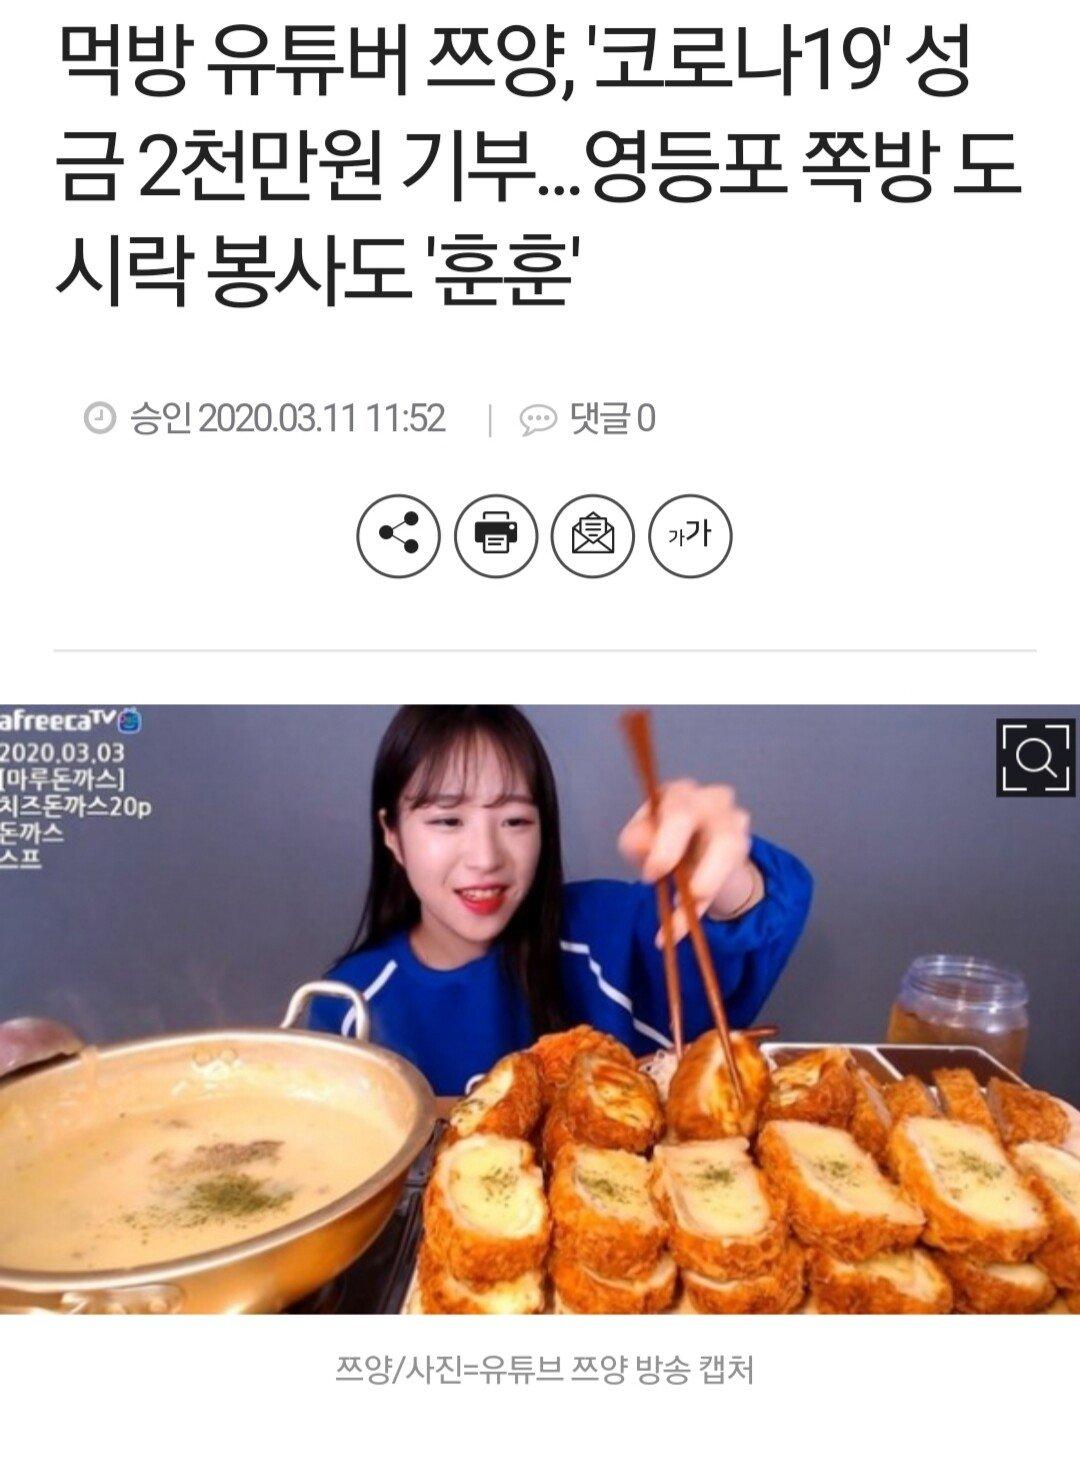 쯔양 코로나19 2천만원 기부